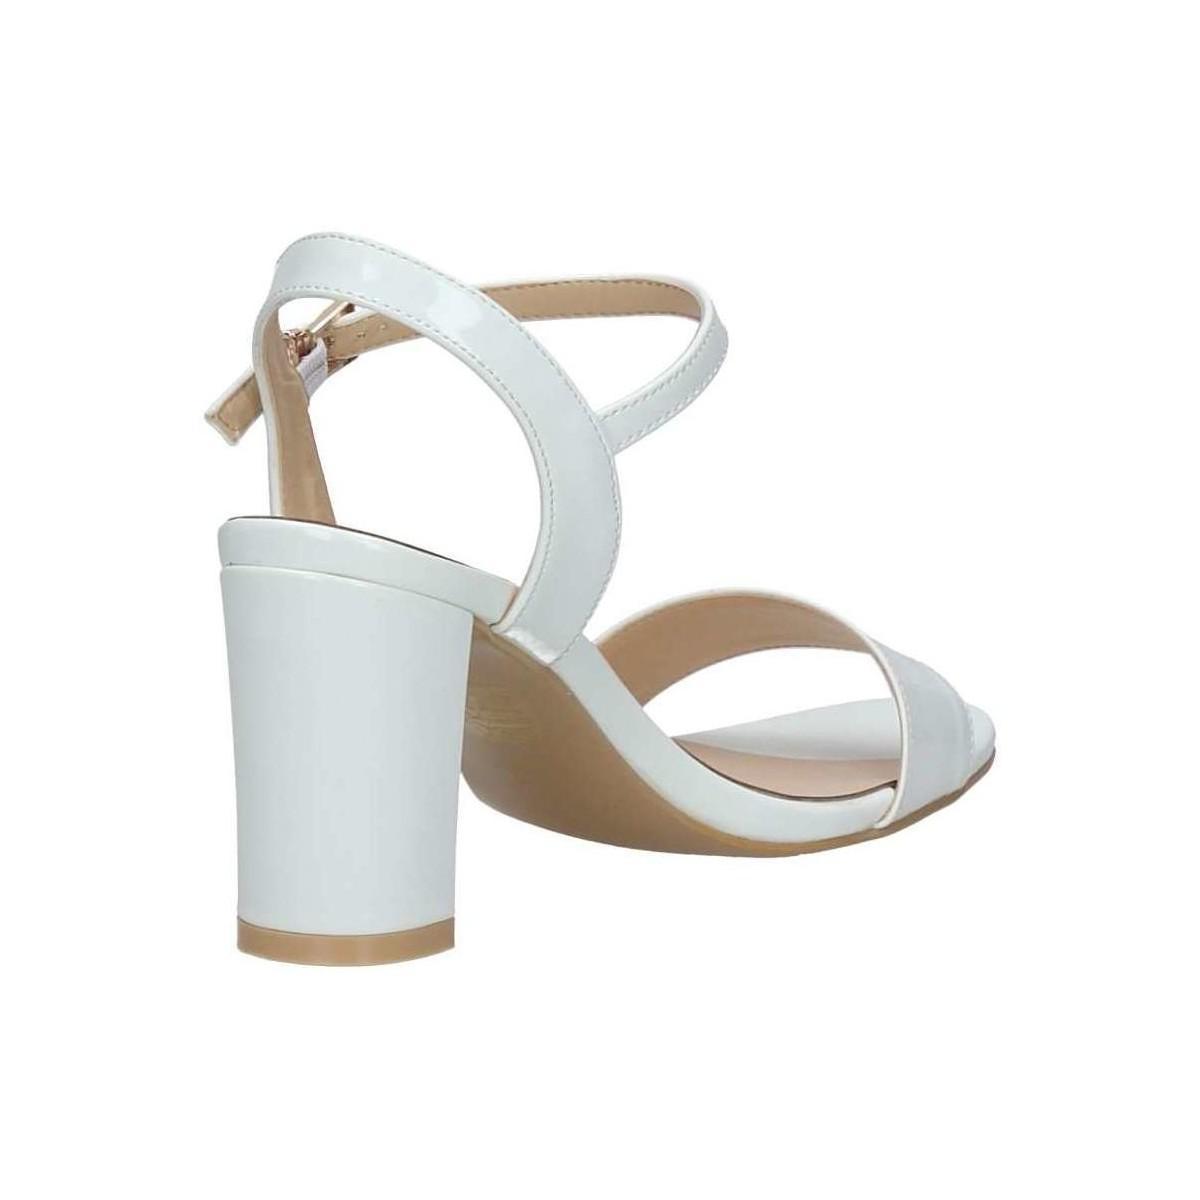 ec94c19962d4c Brigitte Bardot Bc421 Sandals Women s Sandals In White in White - Lyst